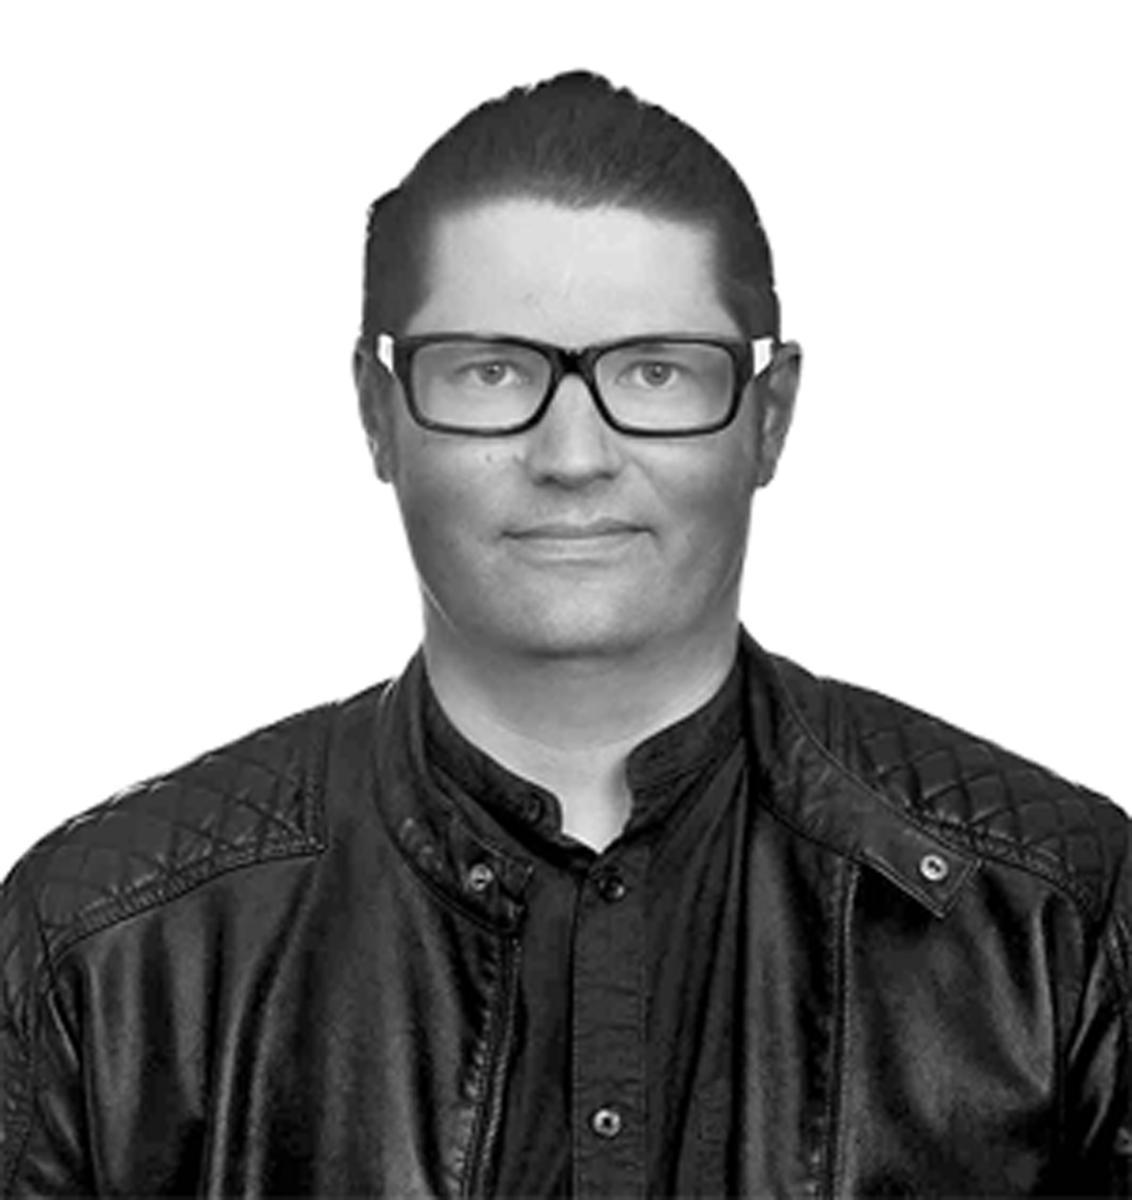 Antti Smeds